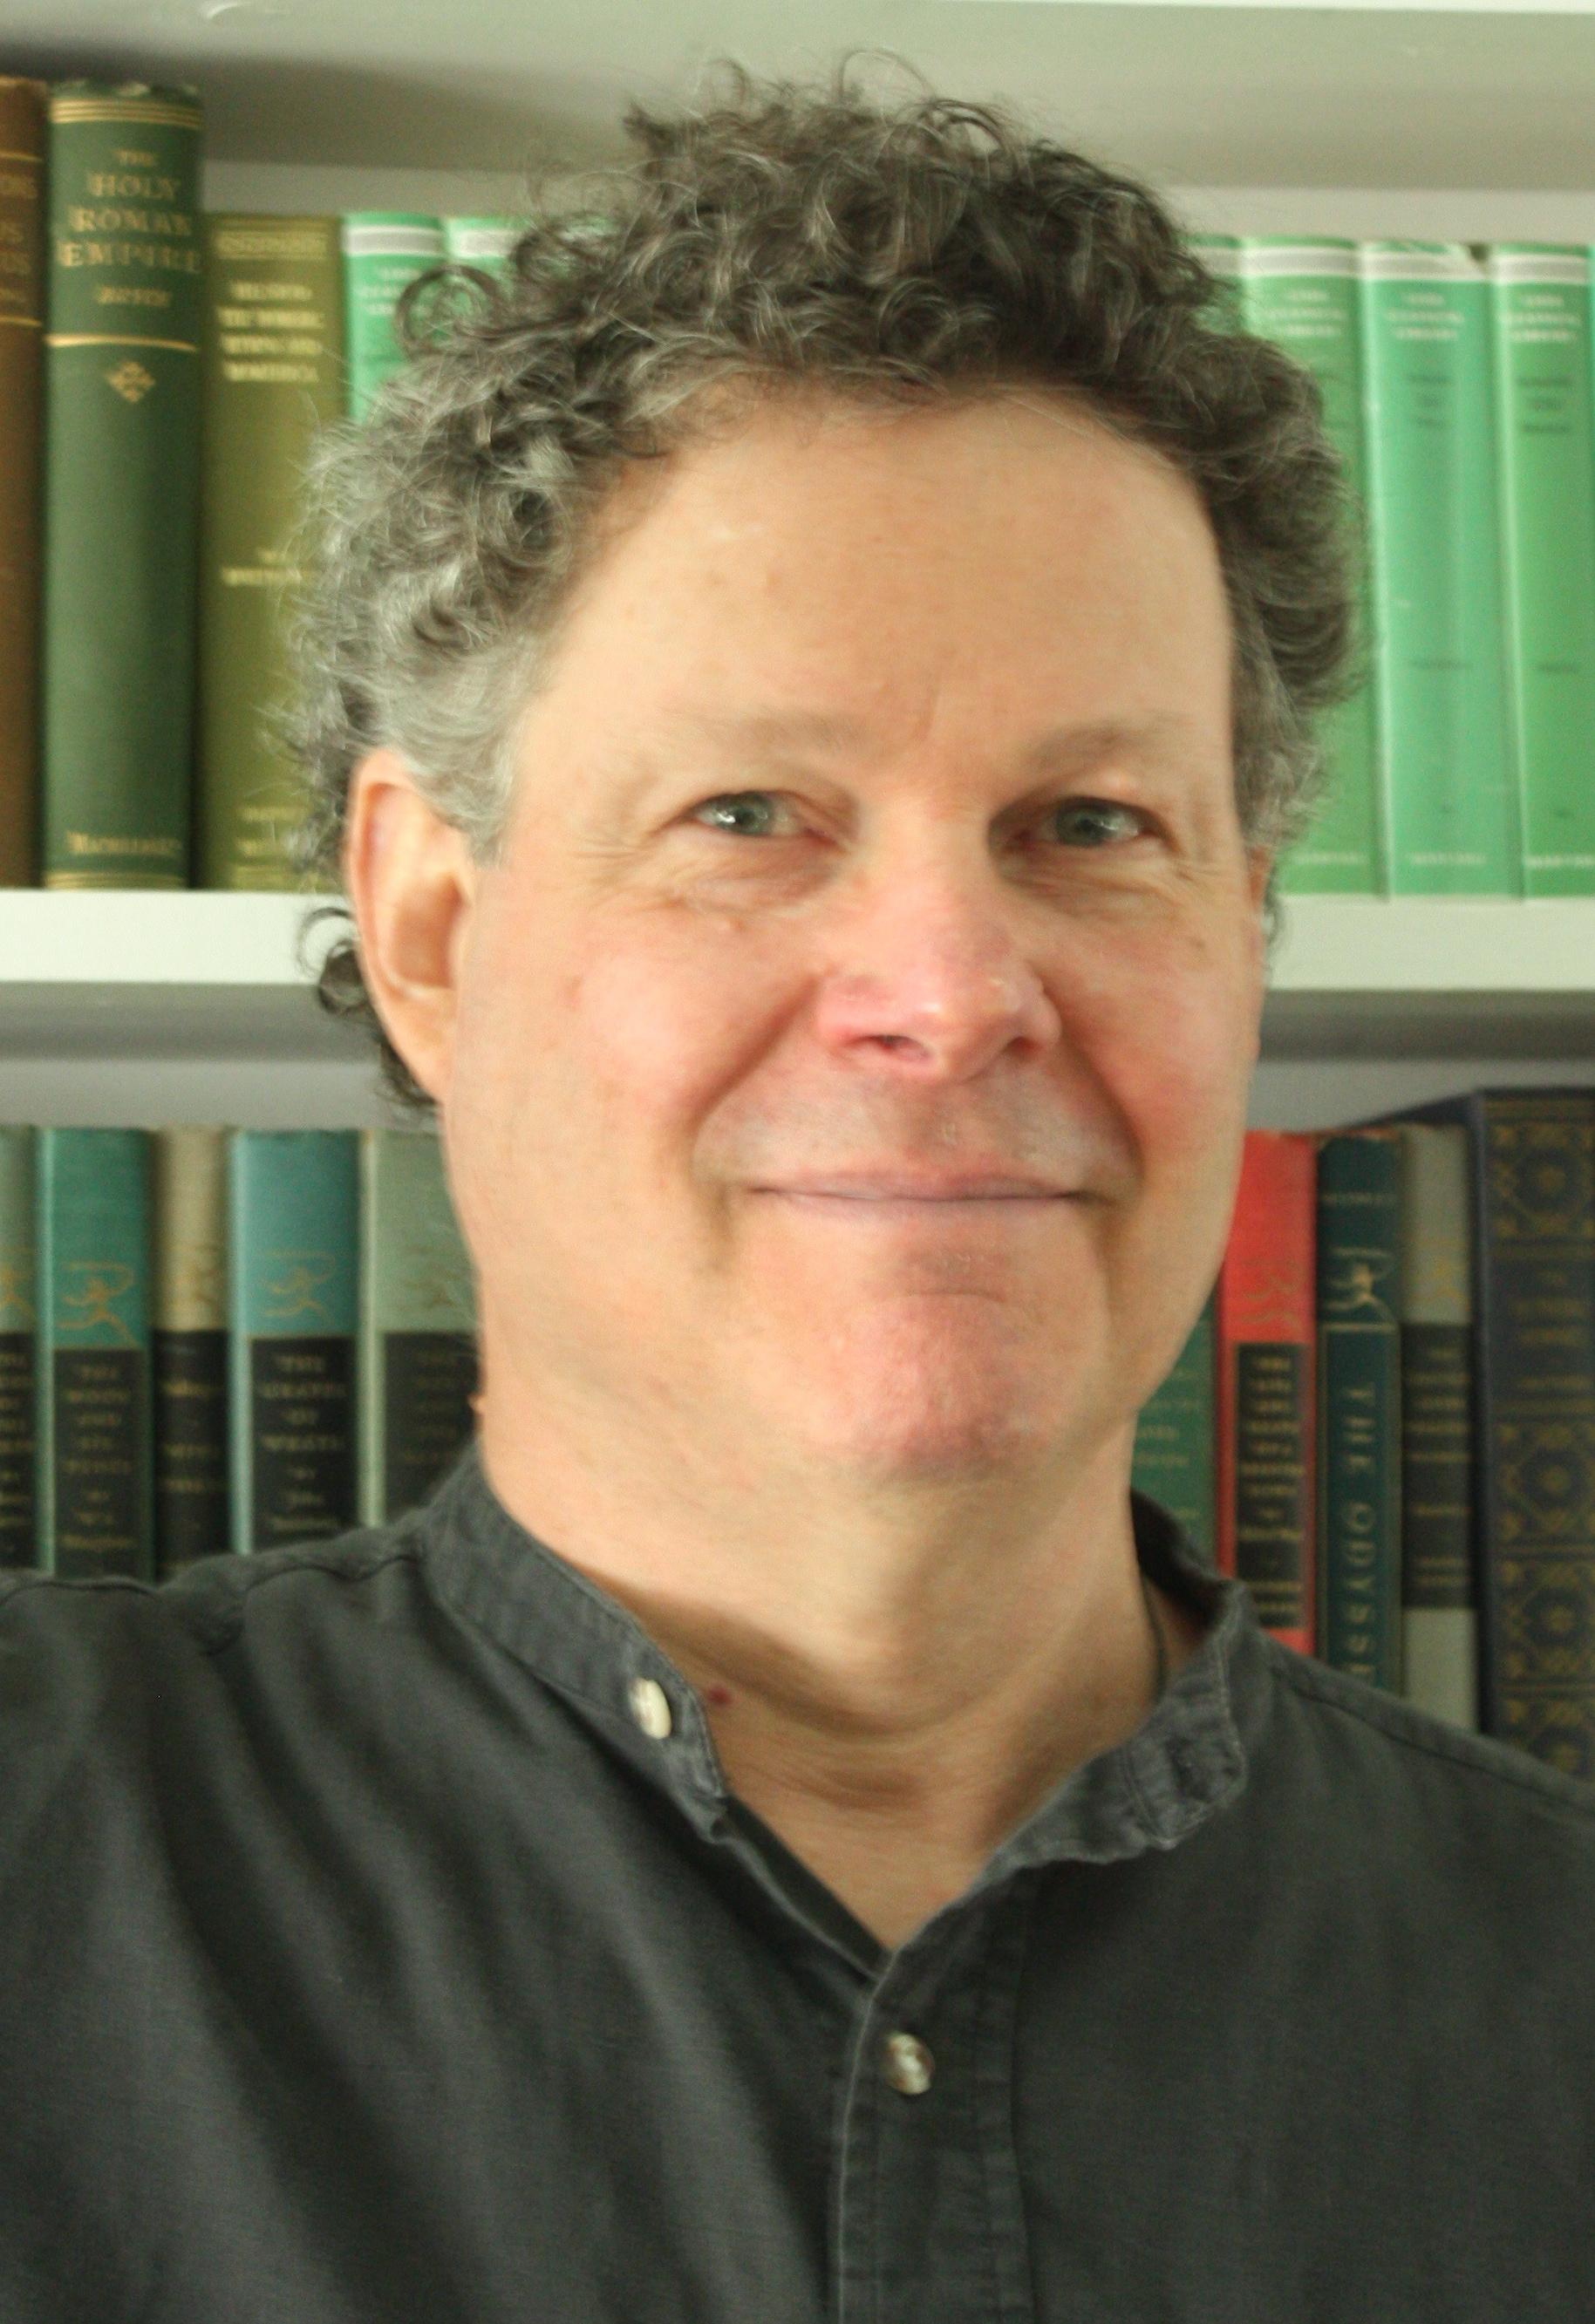 P. Waldau